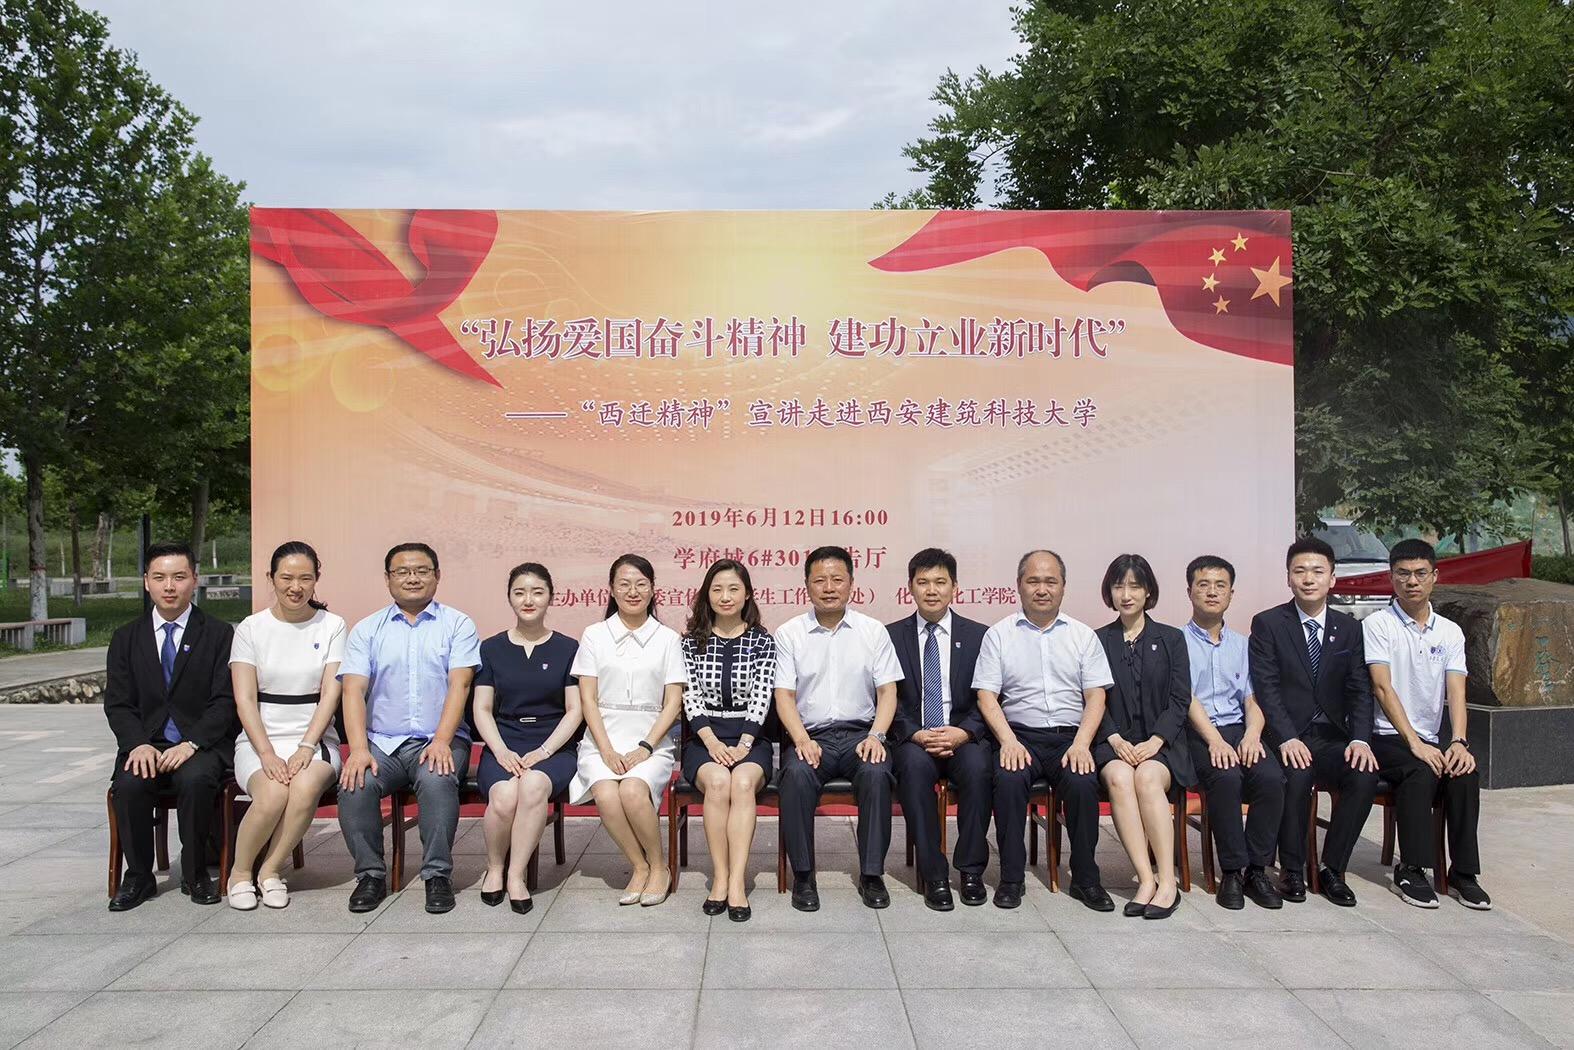 http://www.xarenfu.com/xianfangchan/25898.html